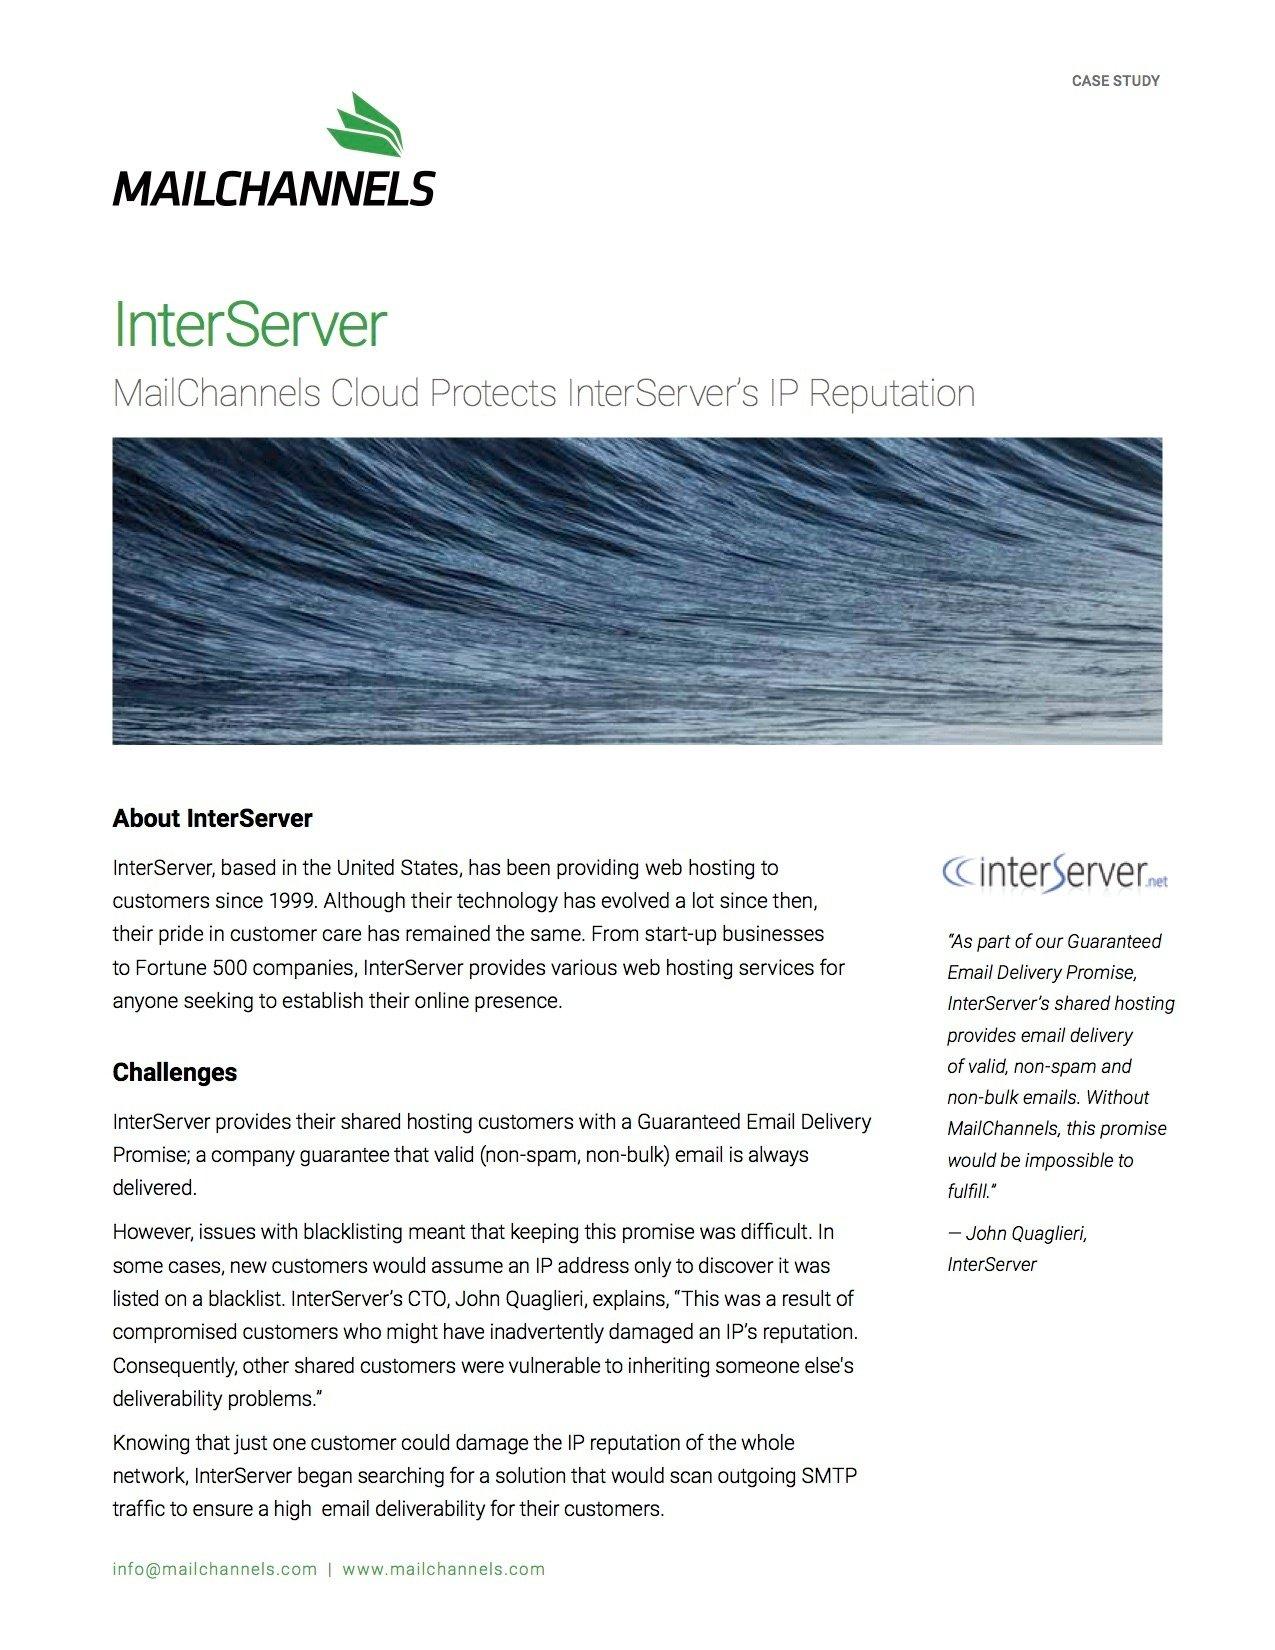 MailChannels-InterServer.jpg